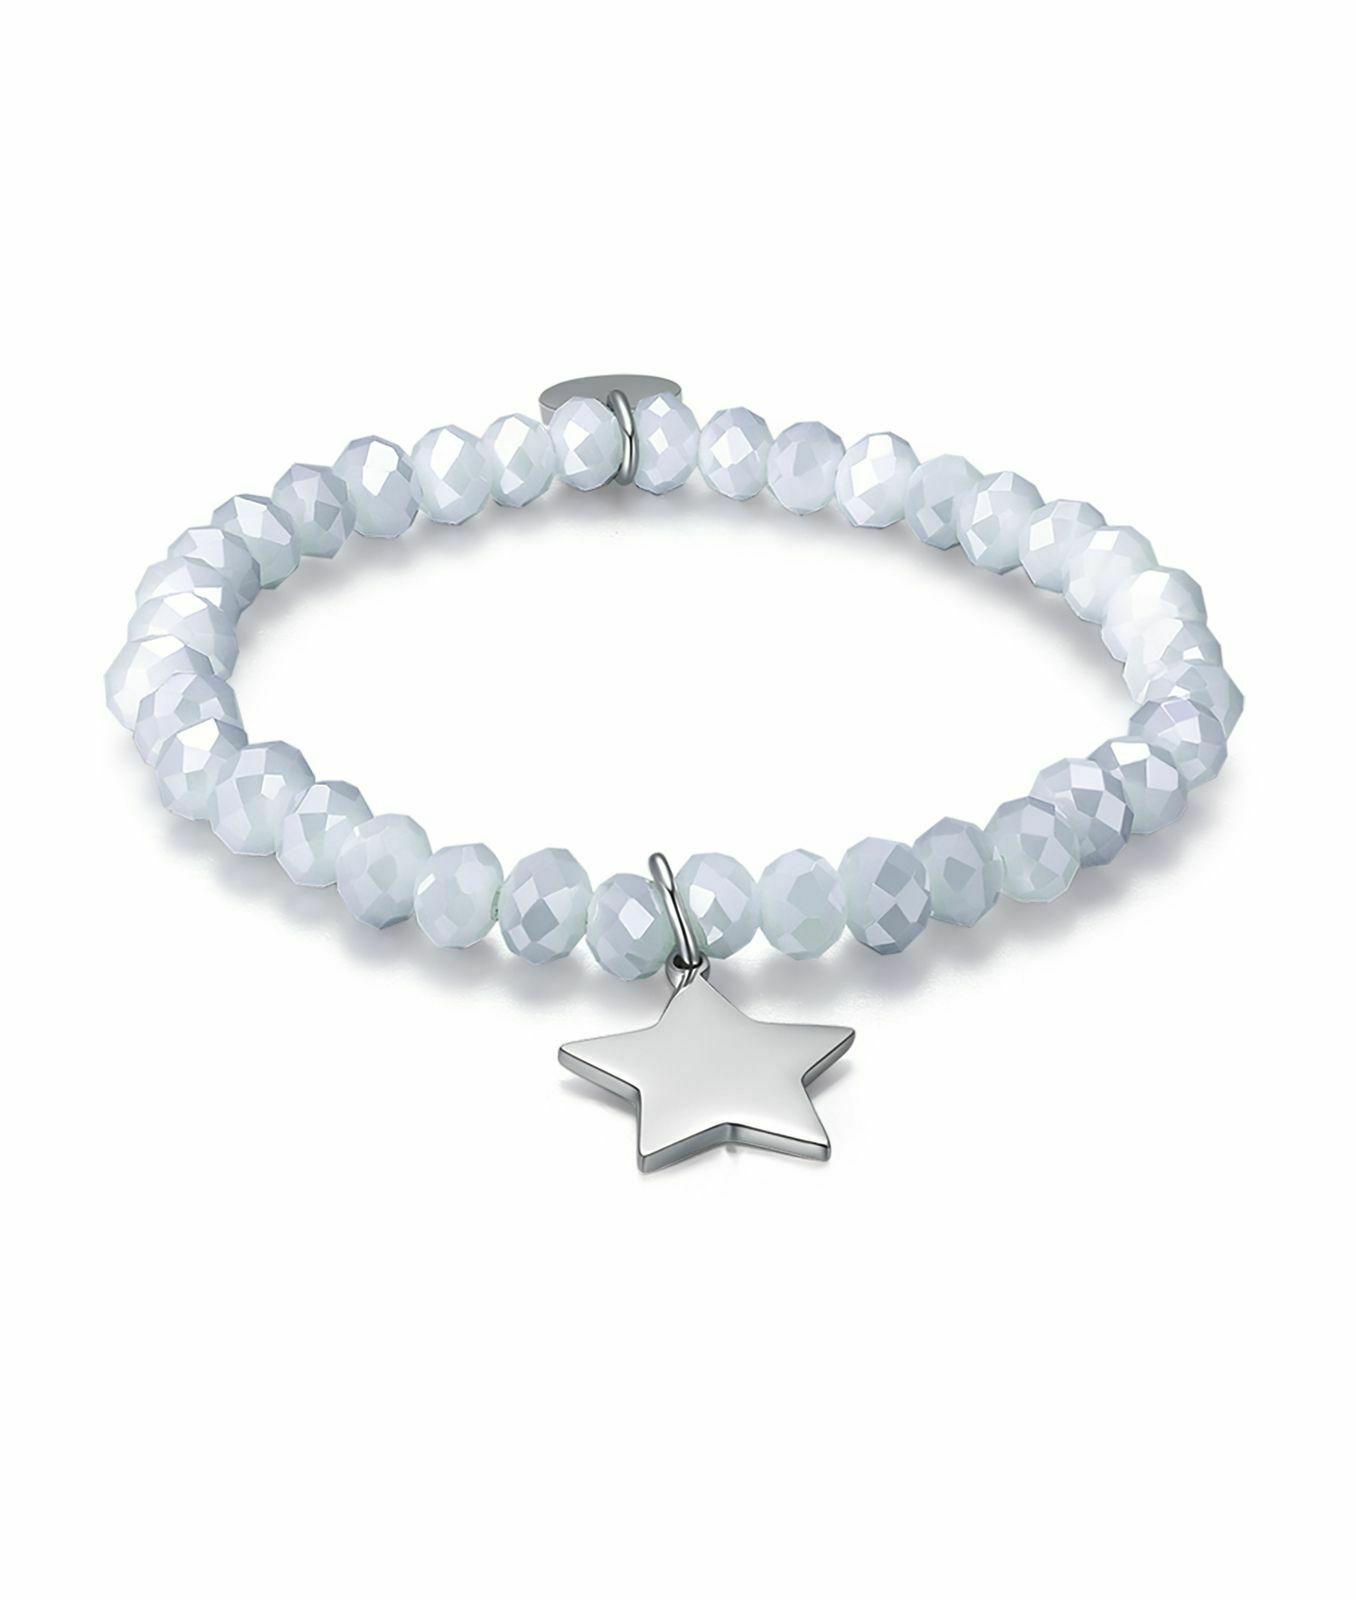 Bracciale donna Luca Barra con cristalli grigio e ciondolo stella acciaio BK1763